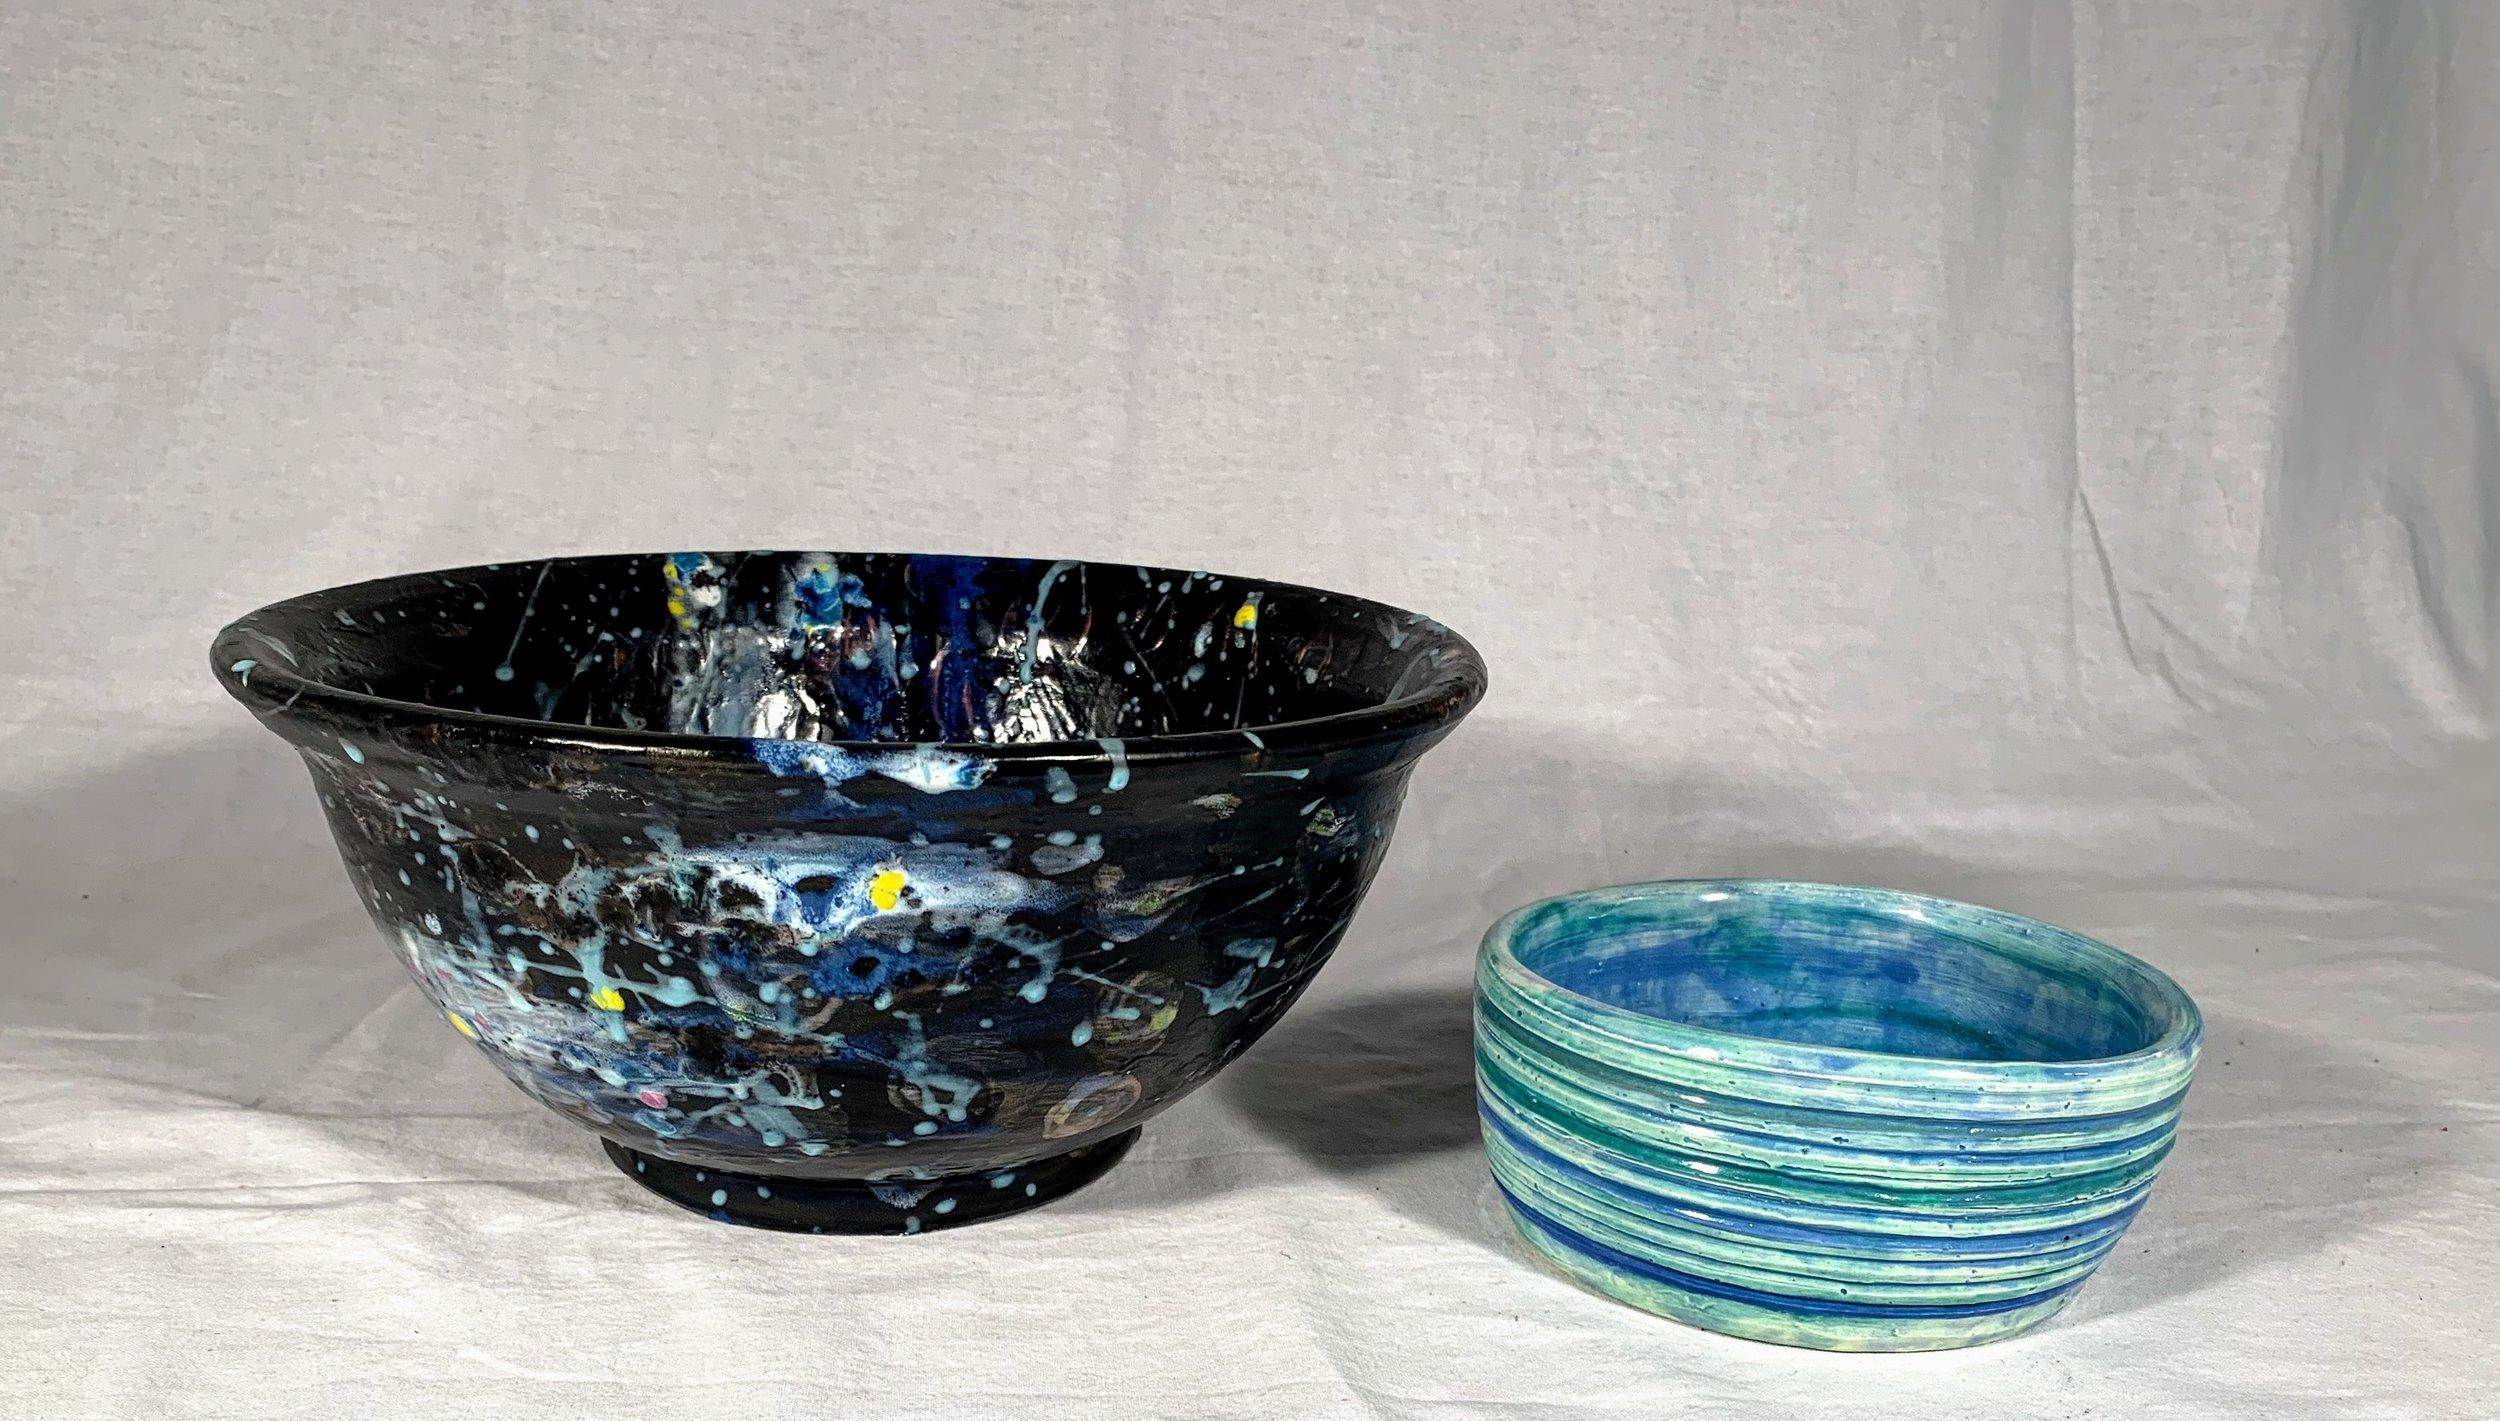 Black Splatter and Blue Stripes Set of 2 Nesting Bowls